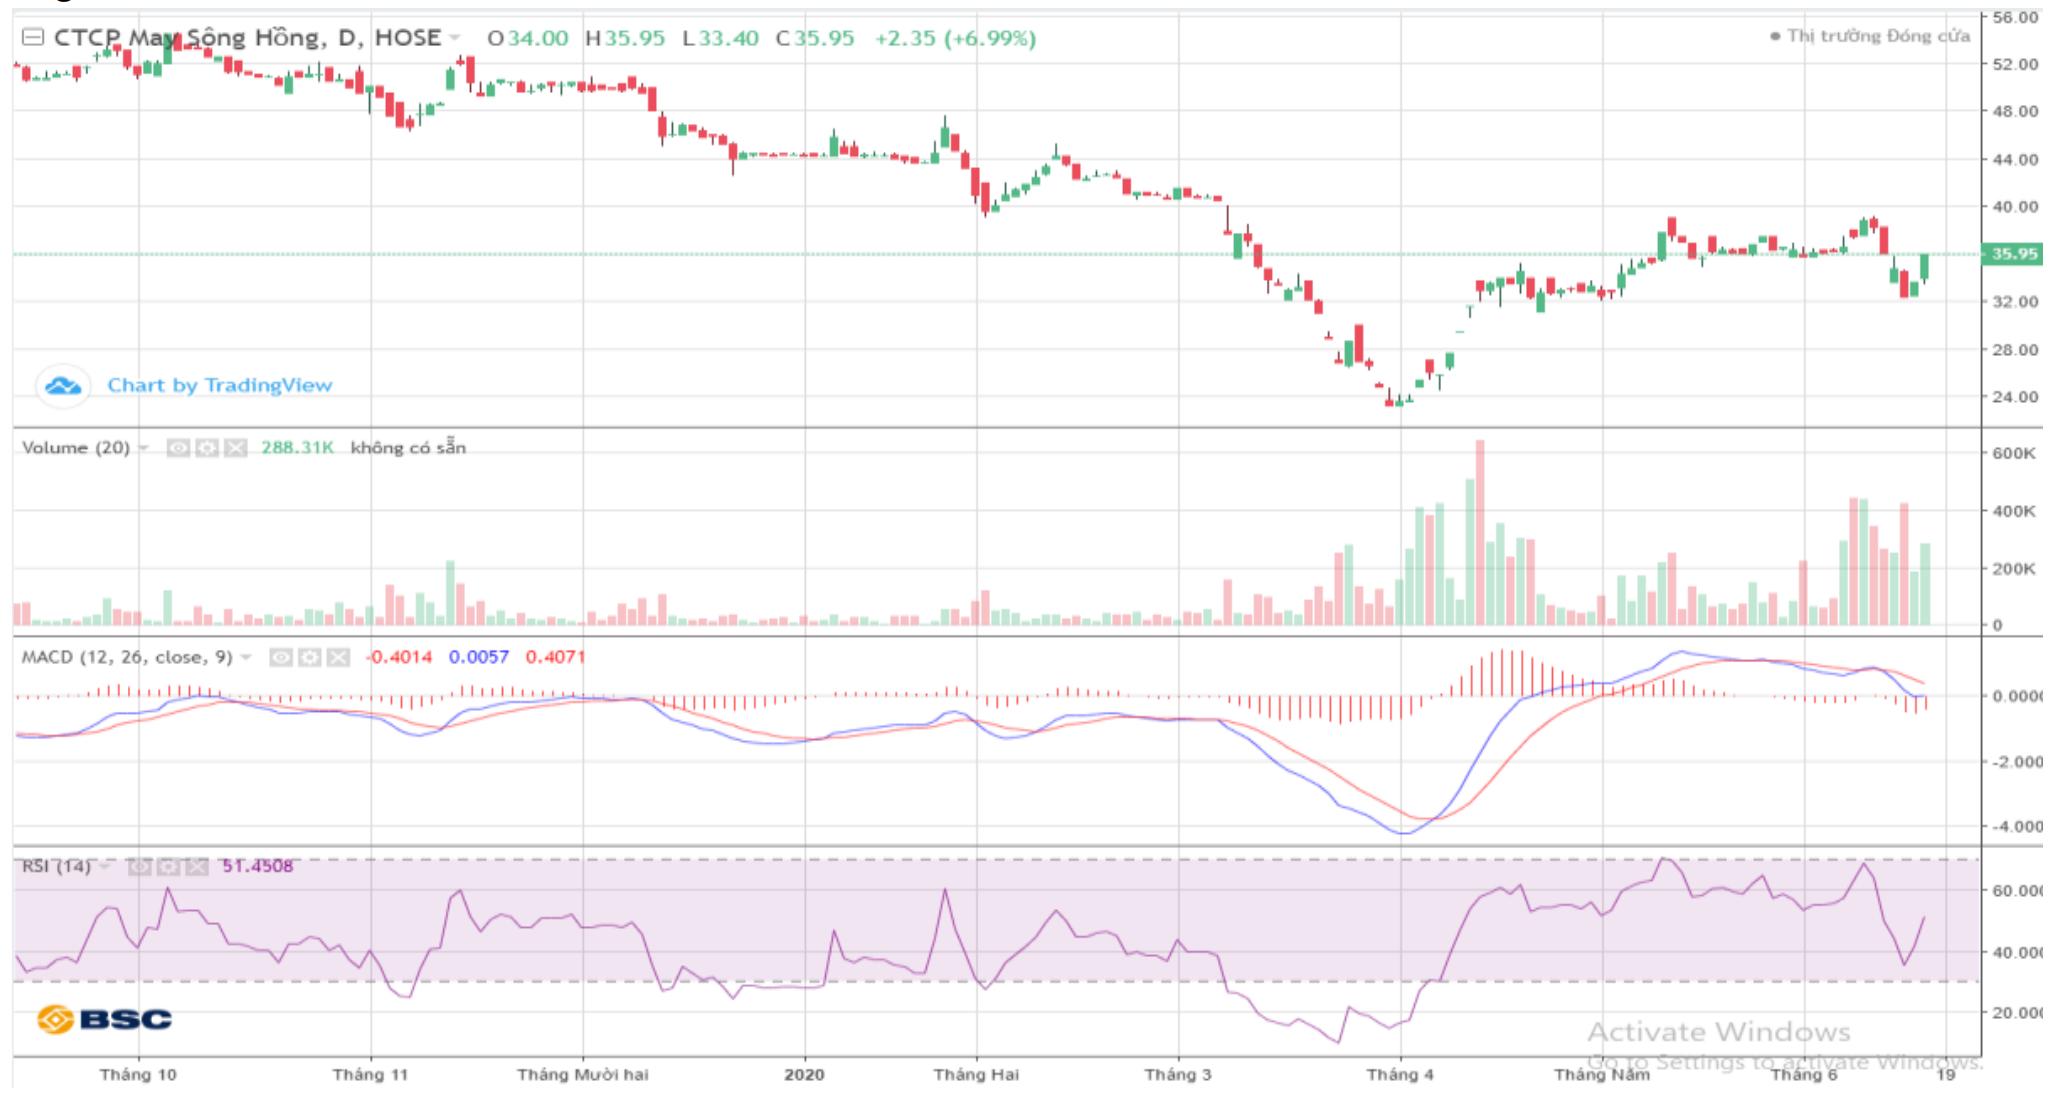 Cổ phiếu tâm điểm ngày 18/6: MSH, KBC, LIX - Ảnh 1.